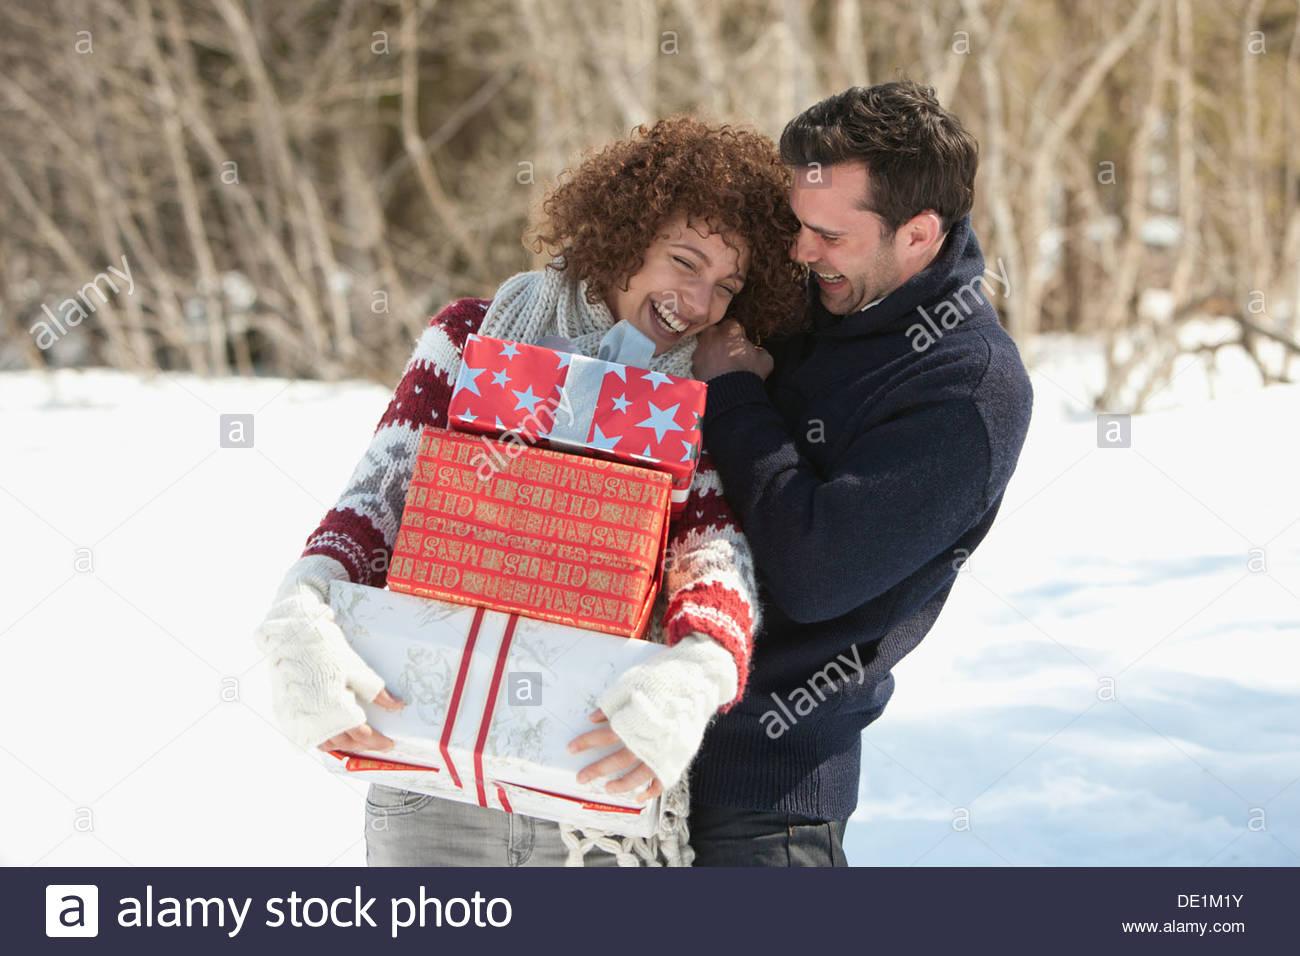 Uomo e donna con doni all'aperto, inverno Immagini Stock